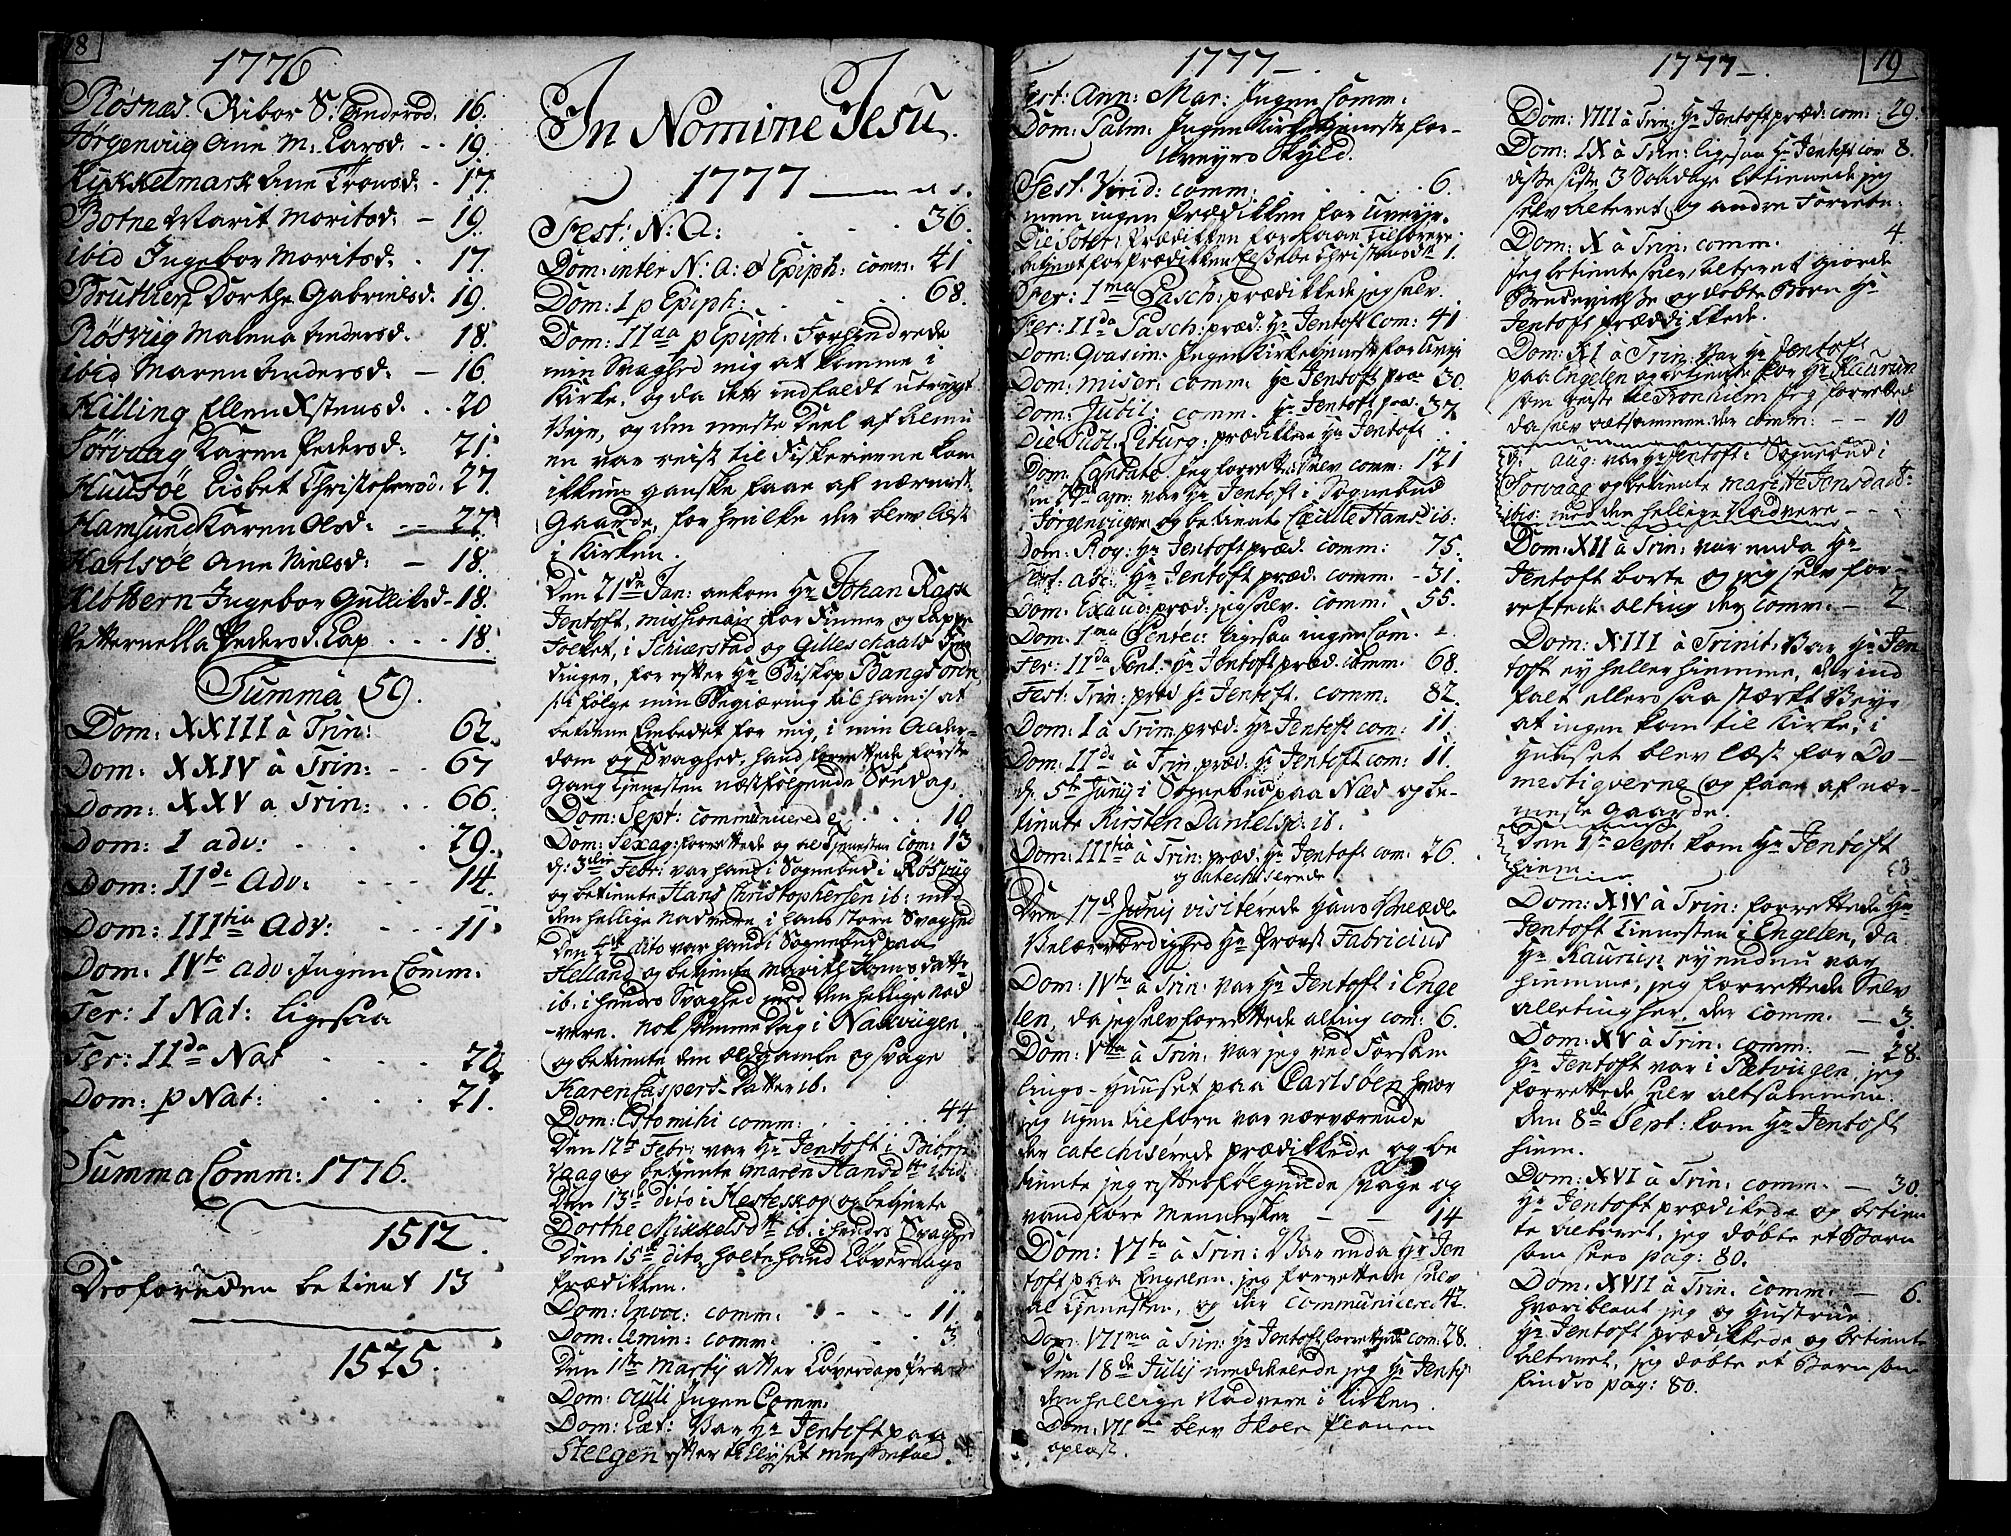 SAT, Ministerialprotokoller, klokkerbøker og fødselsregistre - Nordland, 859/L0841: Parish register (official) no. 859A01, 1766-1821, p. 18-19